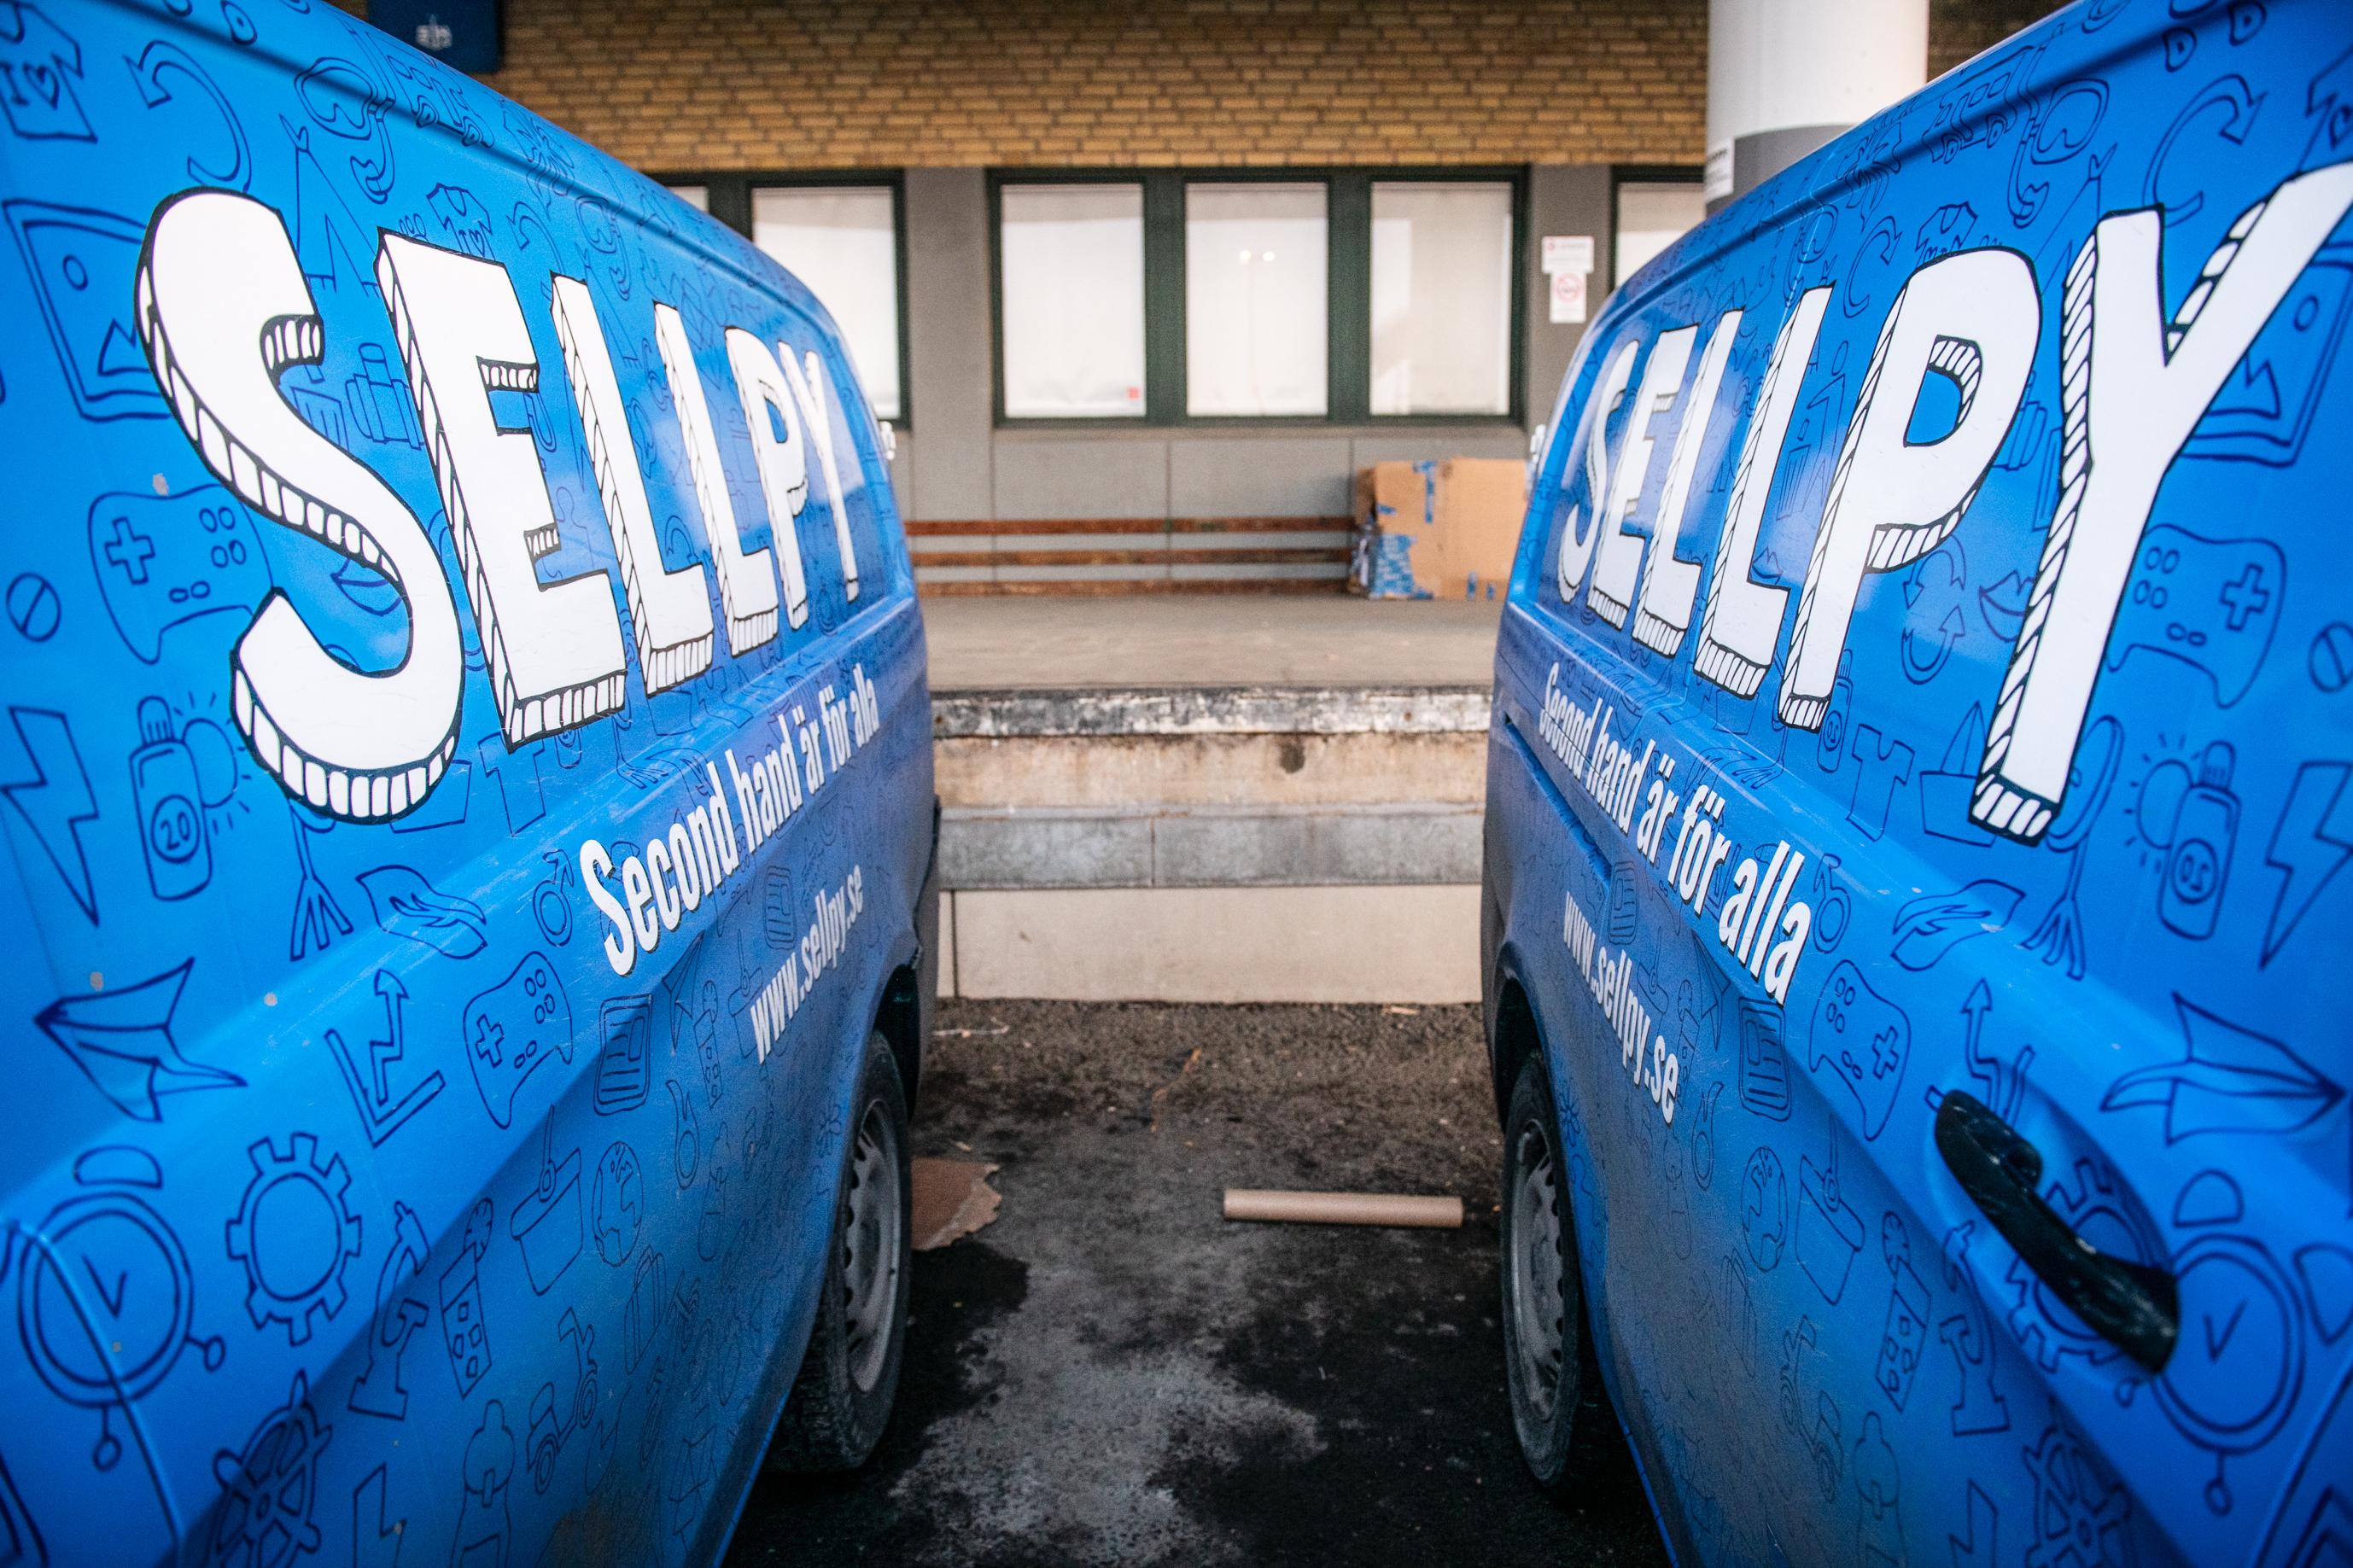 579c324cd120 Söndagsjobbare utan ob på e-företaget Sellpy – Handelsnytt